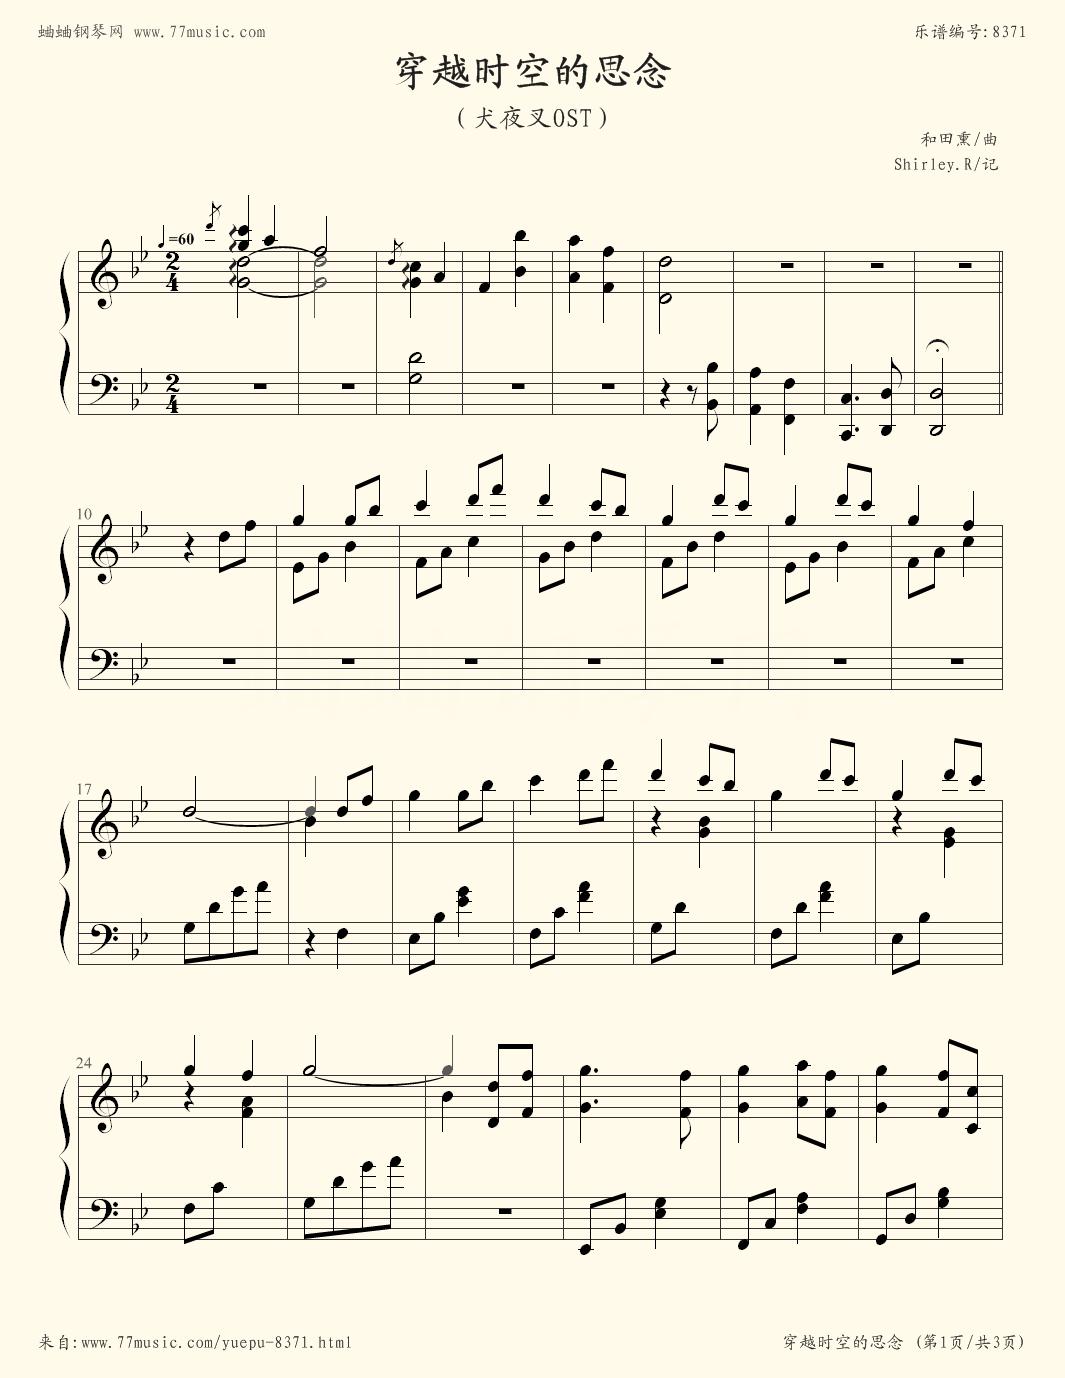 求犬夜叉主题曲穿越时空的思念这首曲子的的钢琴谱,最